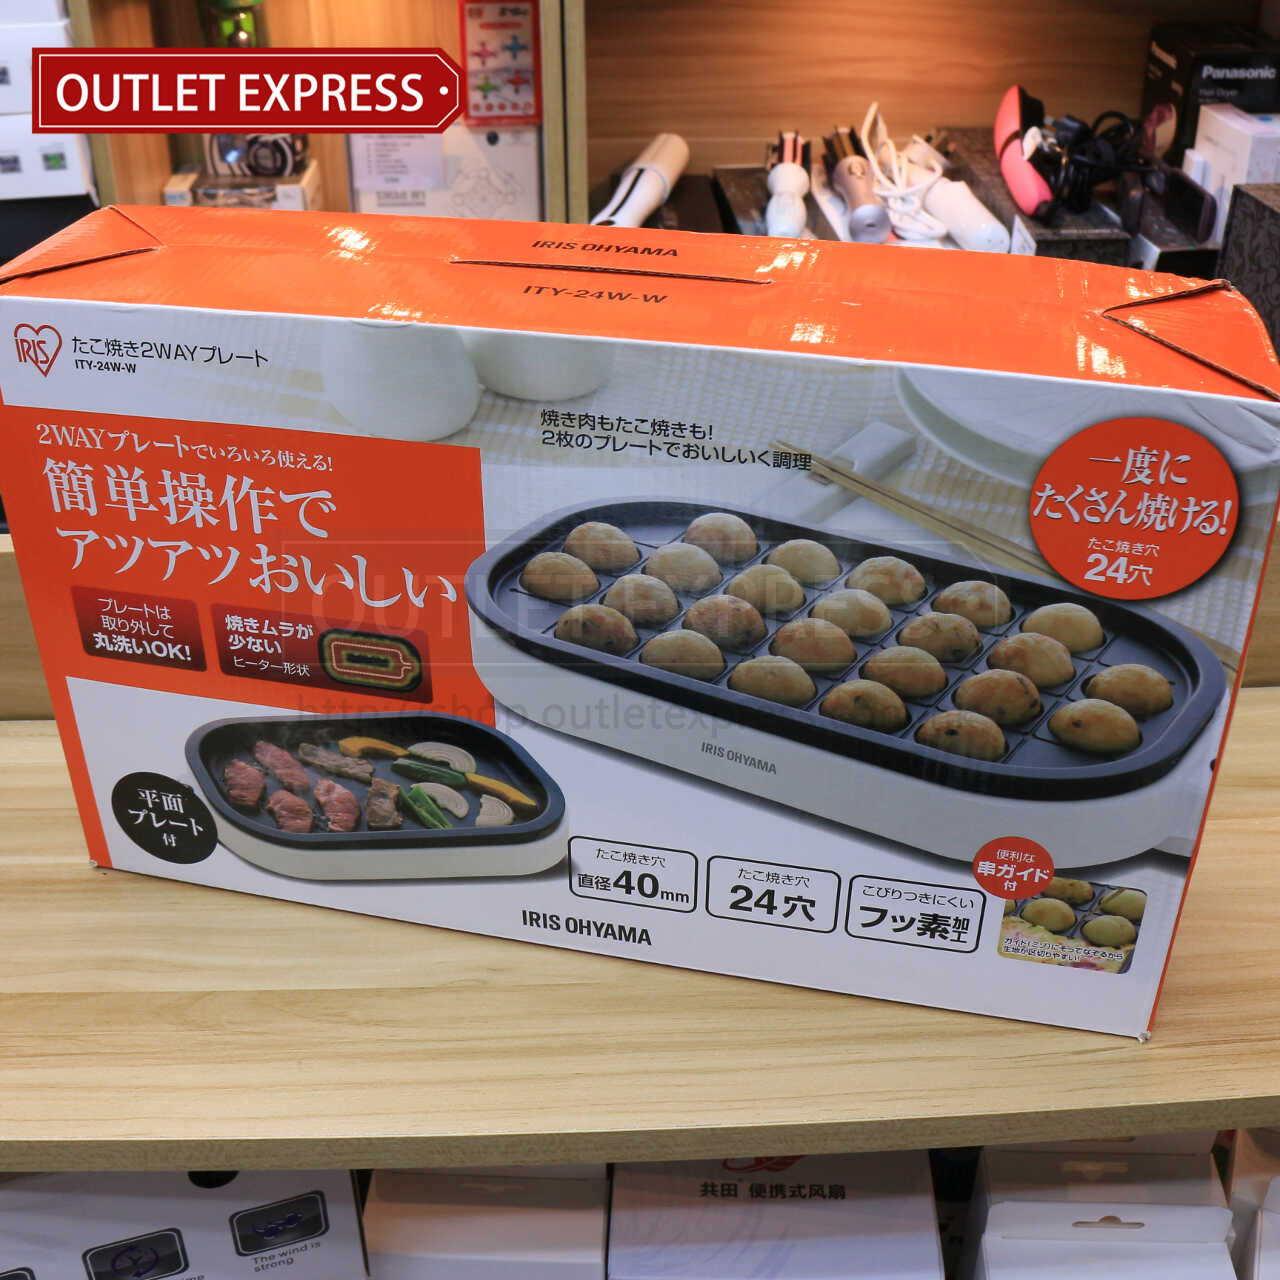 日本IRIS ITY-24W -W 章魚燒電煎板 | 燒肉烤盤 包裝- Outlet Express HK生活百貨城